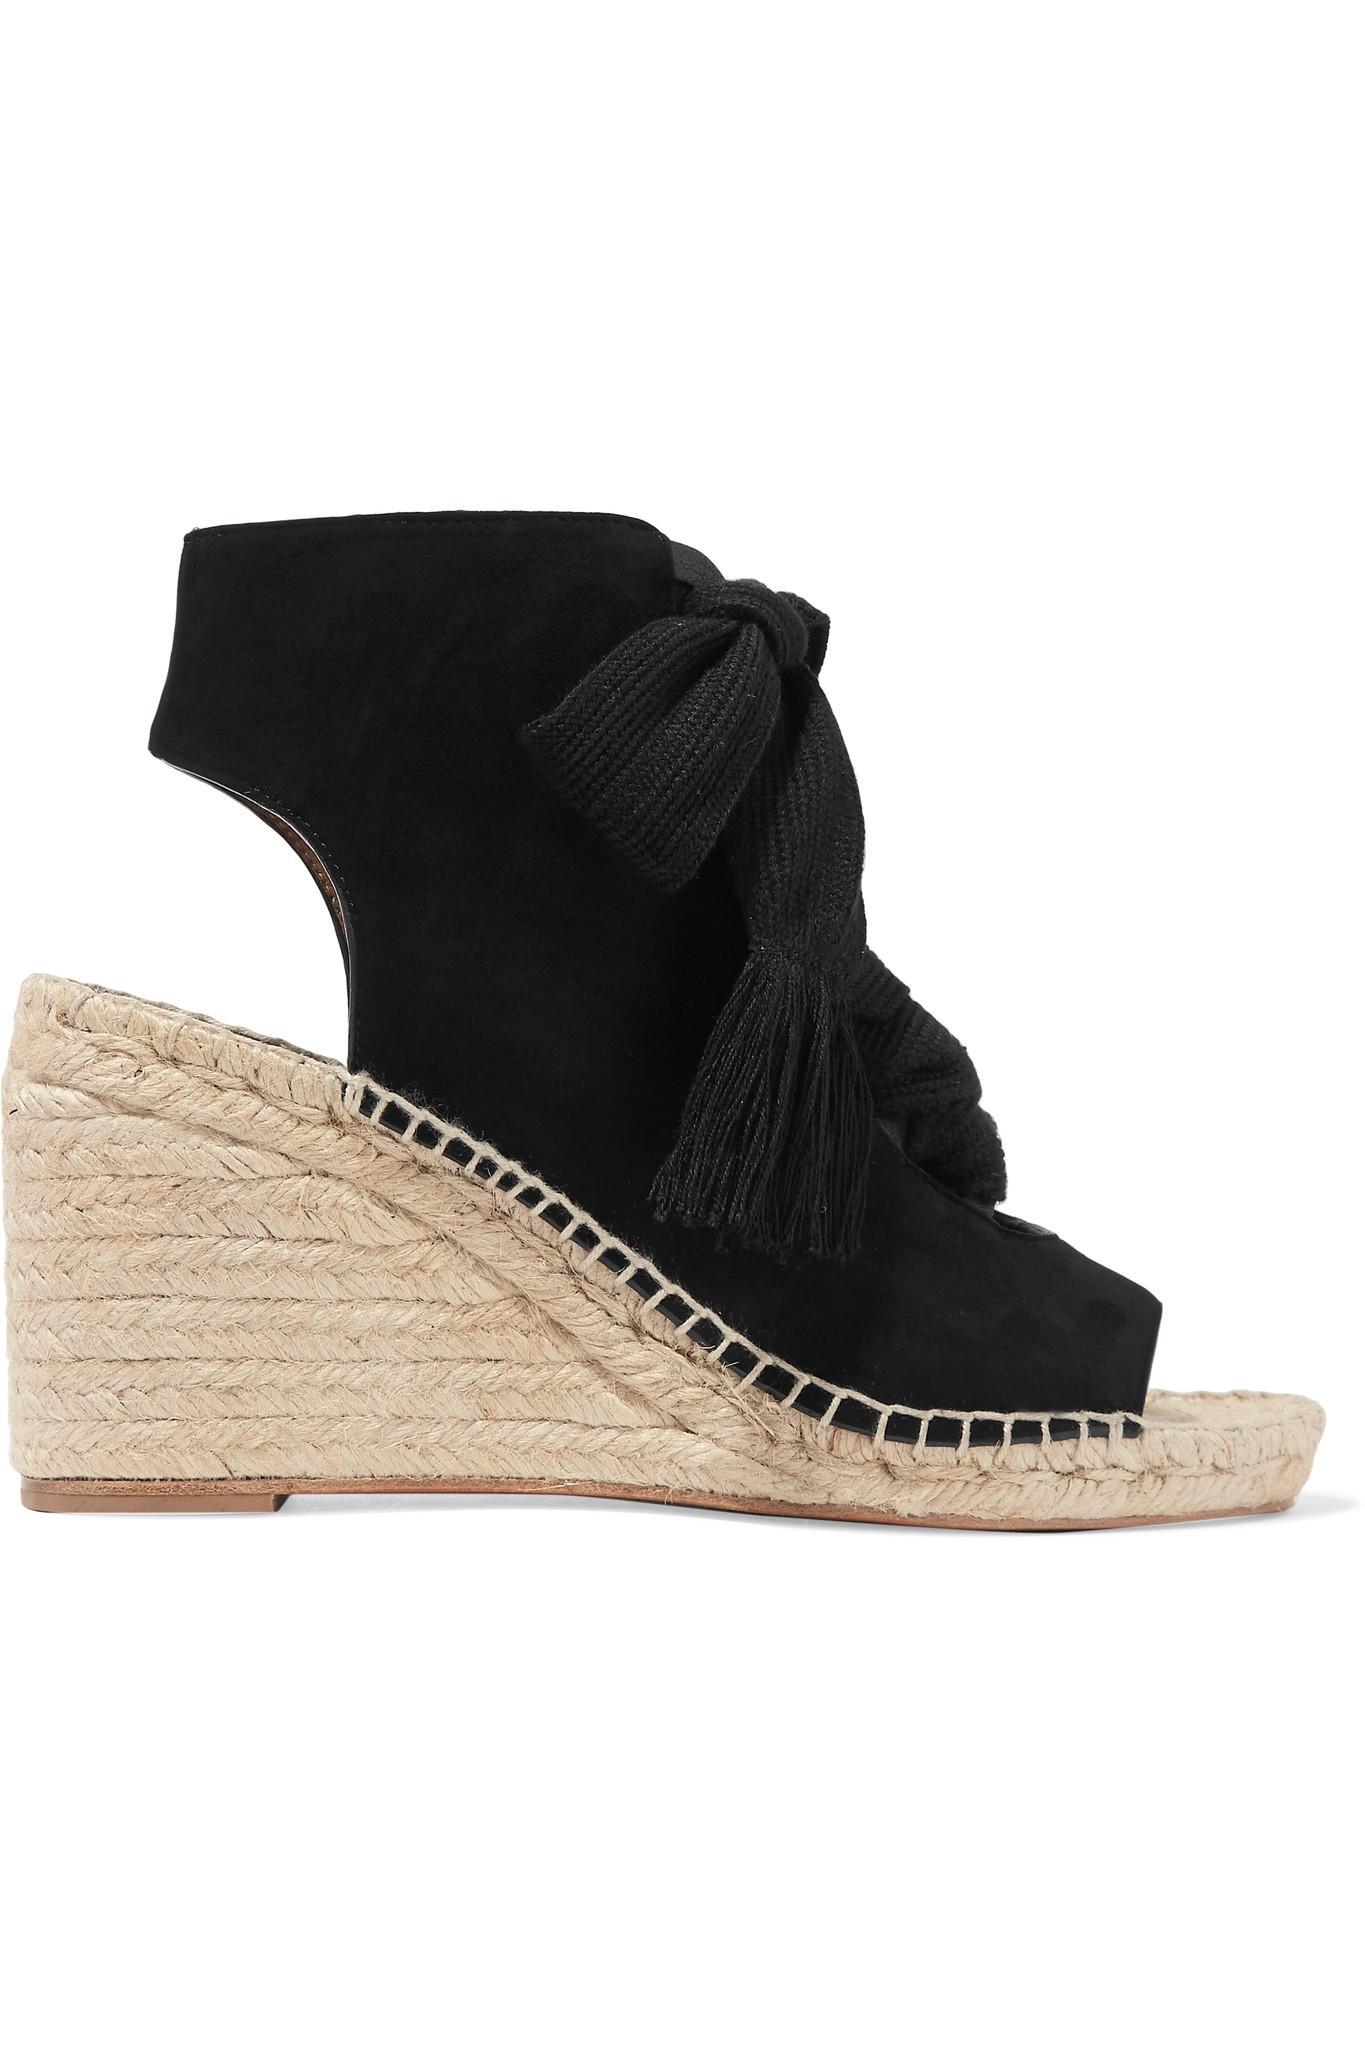 aa7b9d775c Chloé Black Harper Lace-up Suede Espadrille Wedge Sandals